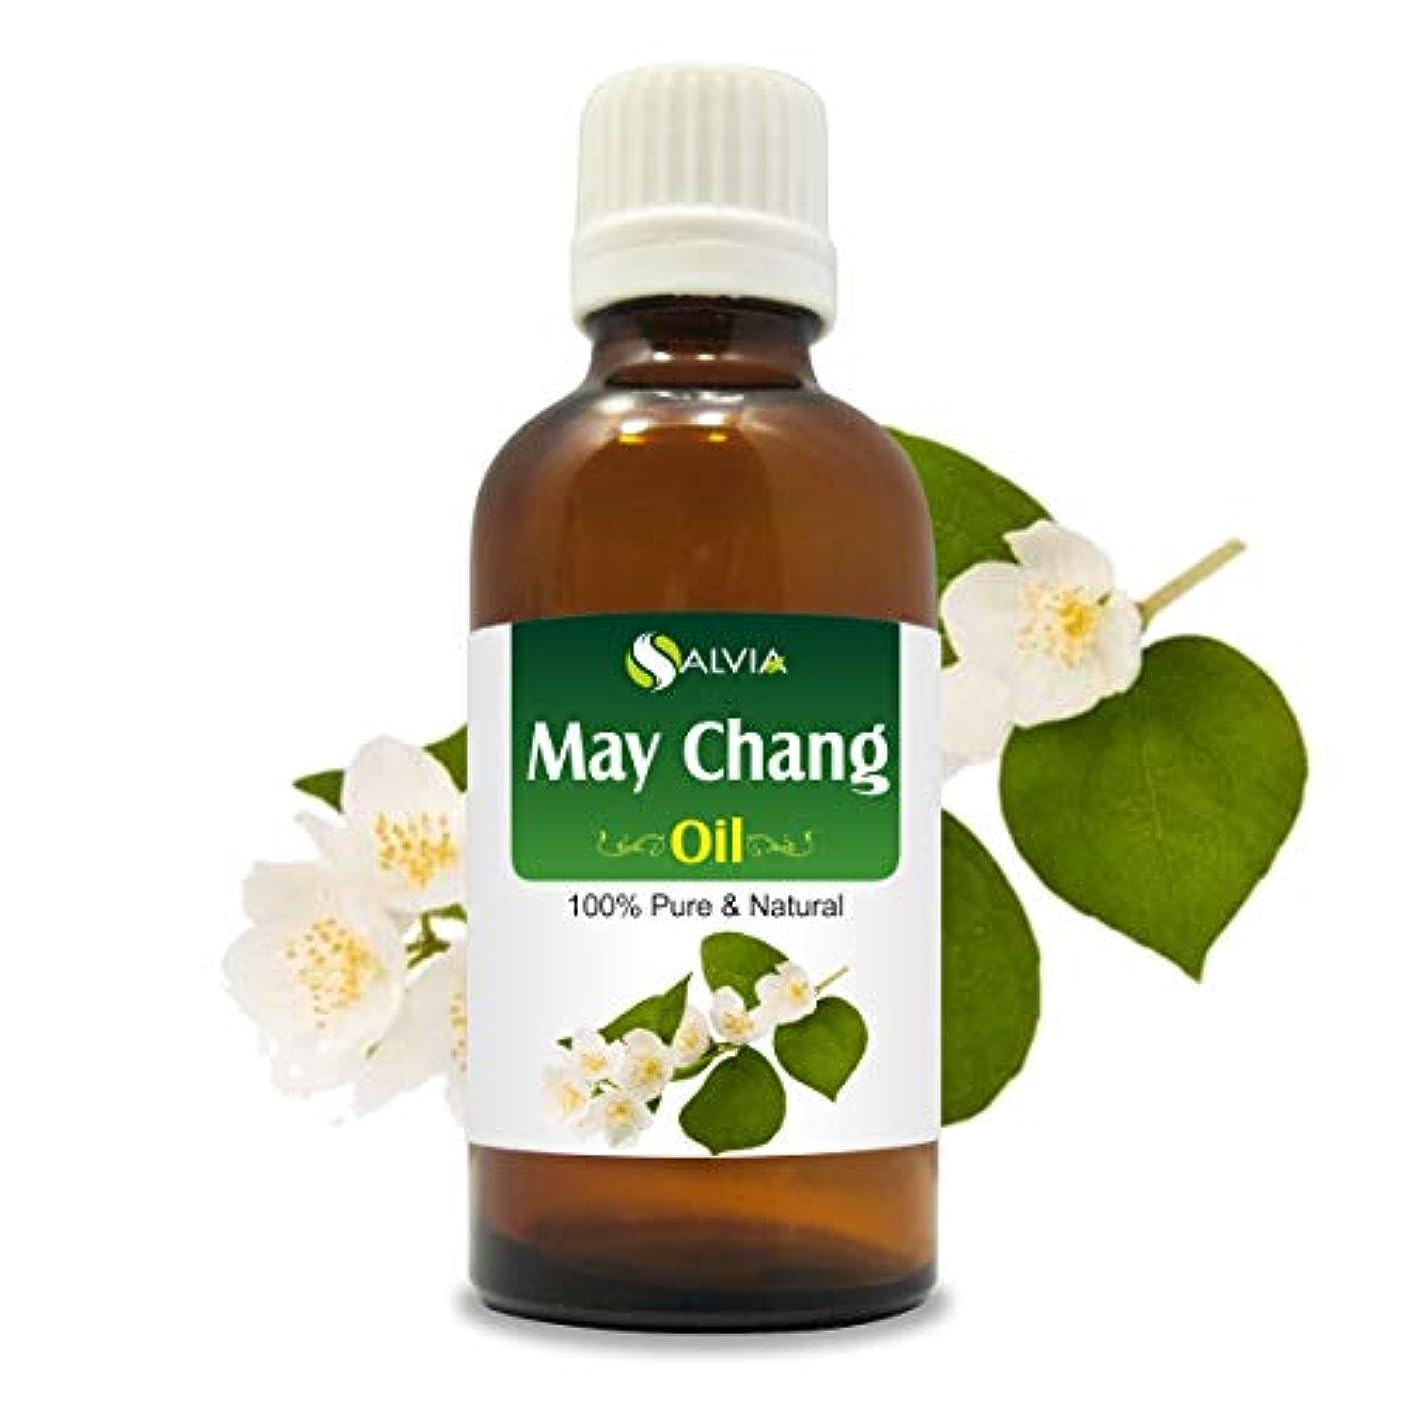 キリン続けるぶどうMay Chang (Litsea Cubeba) Oil (Litsea cubeba) 100% Natural Pure Undiluted Uncut Essential Oil 30ml